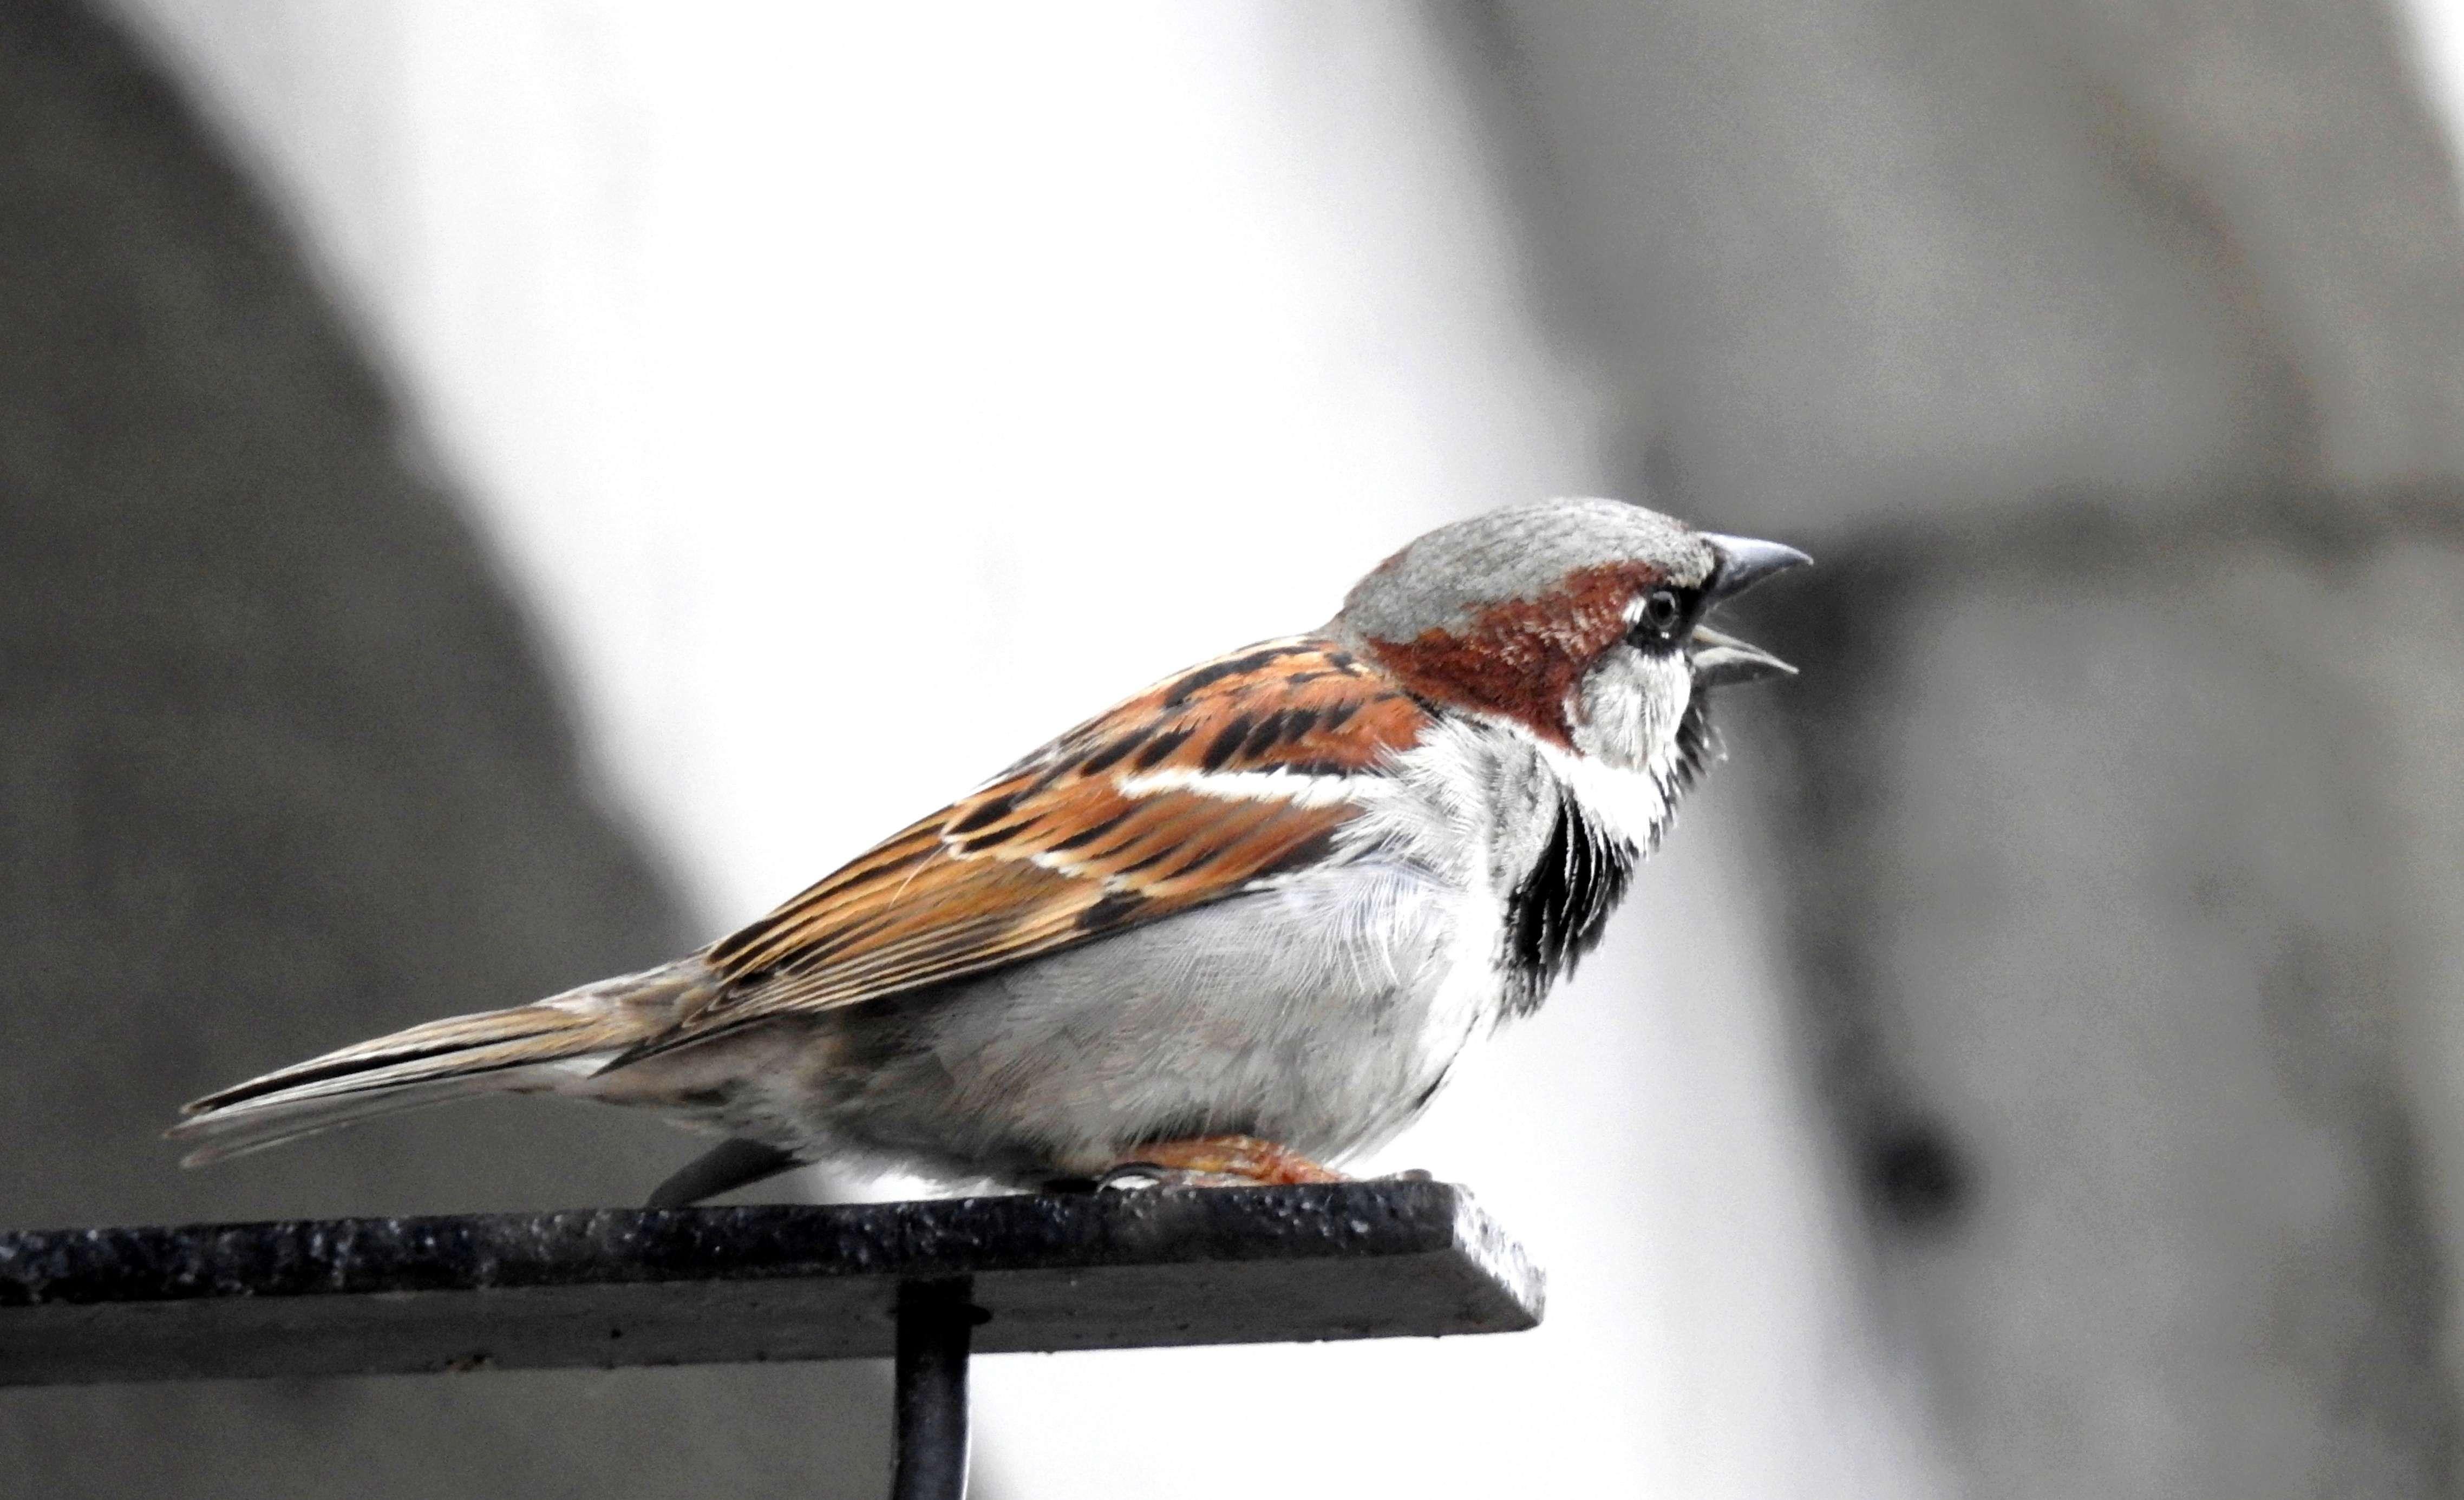 [Ouvert] FIL - Oiseaux. - Page 14 2018-080